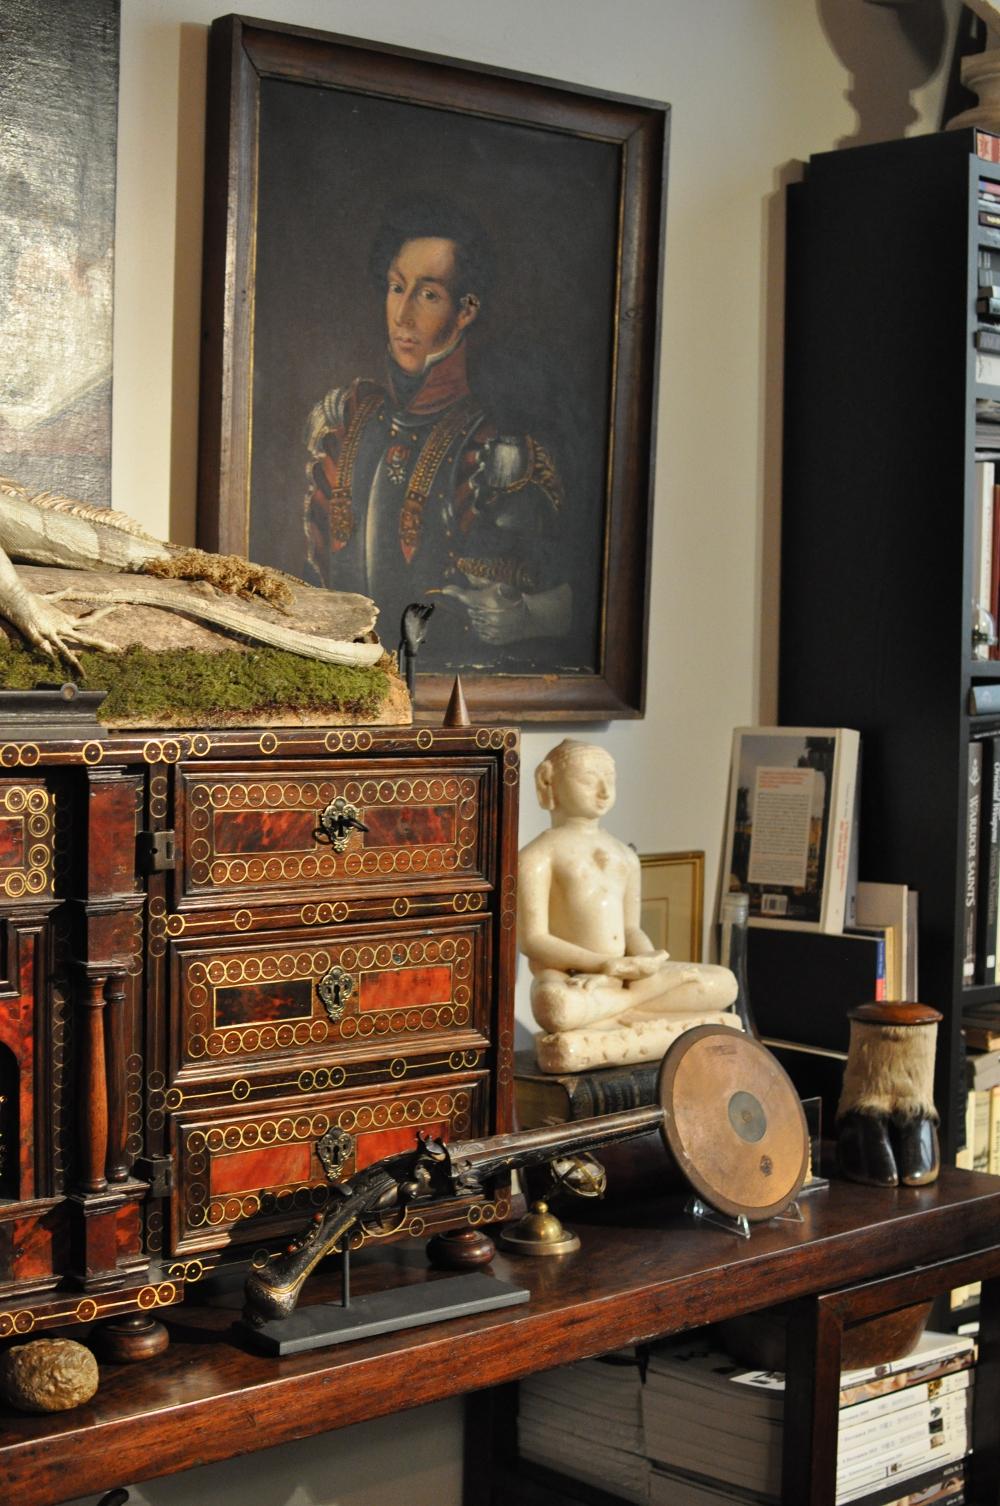 rocaille-blog-ethnologica-galleria-wunderkammer-andrea-filippi-forlì (45)